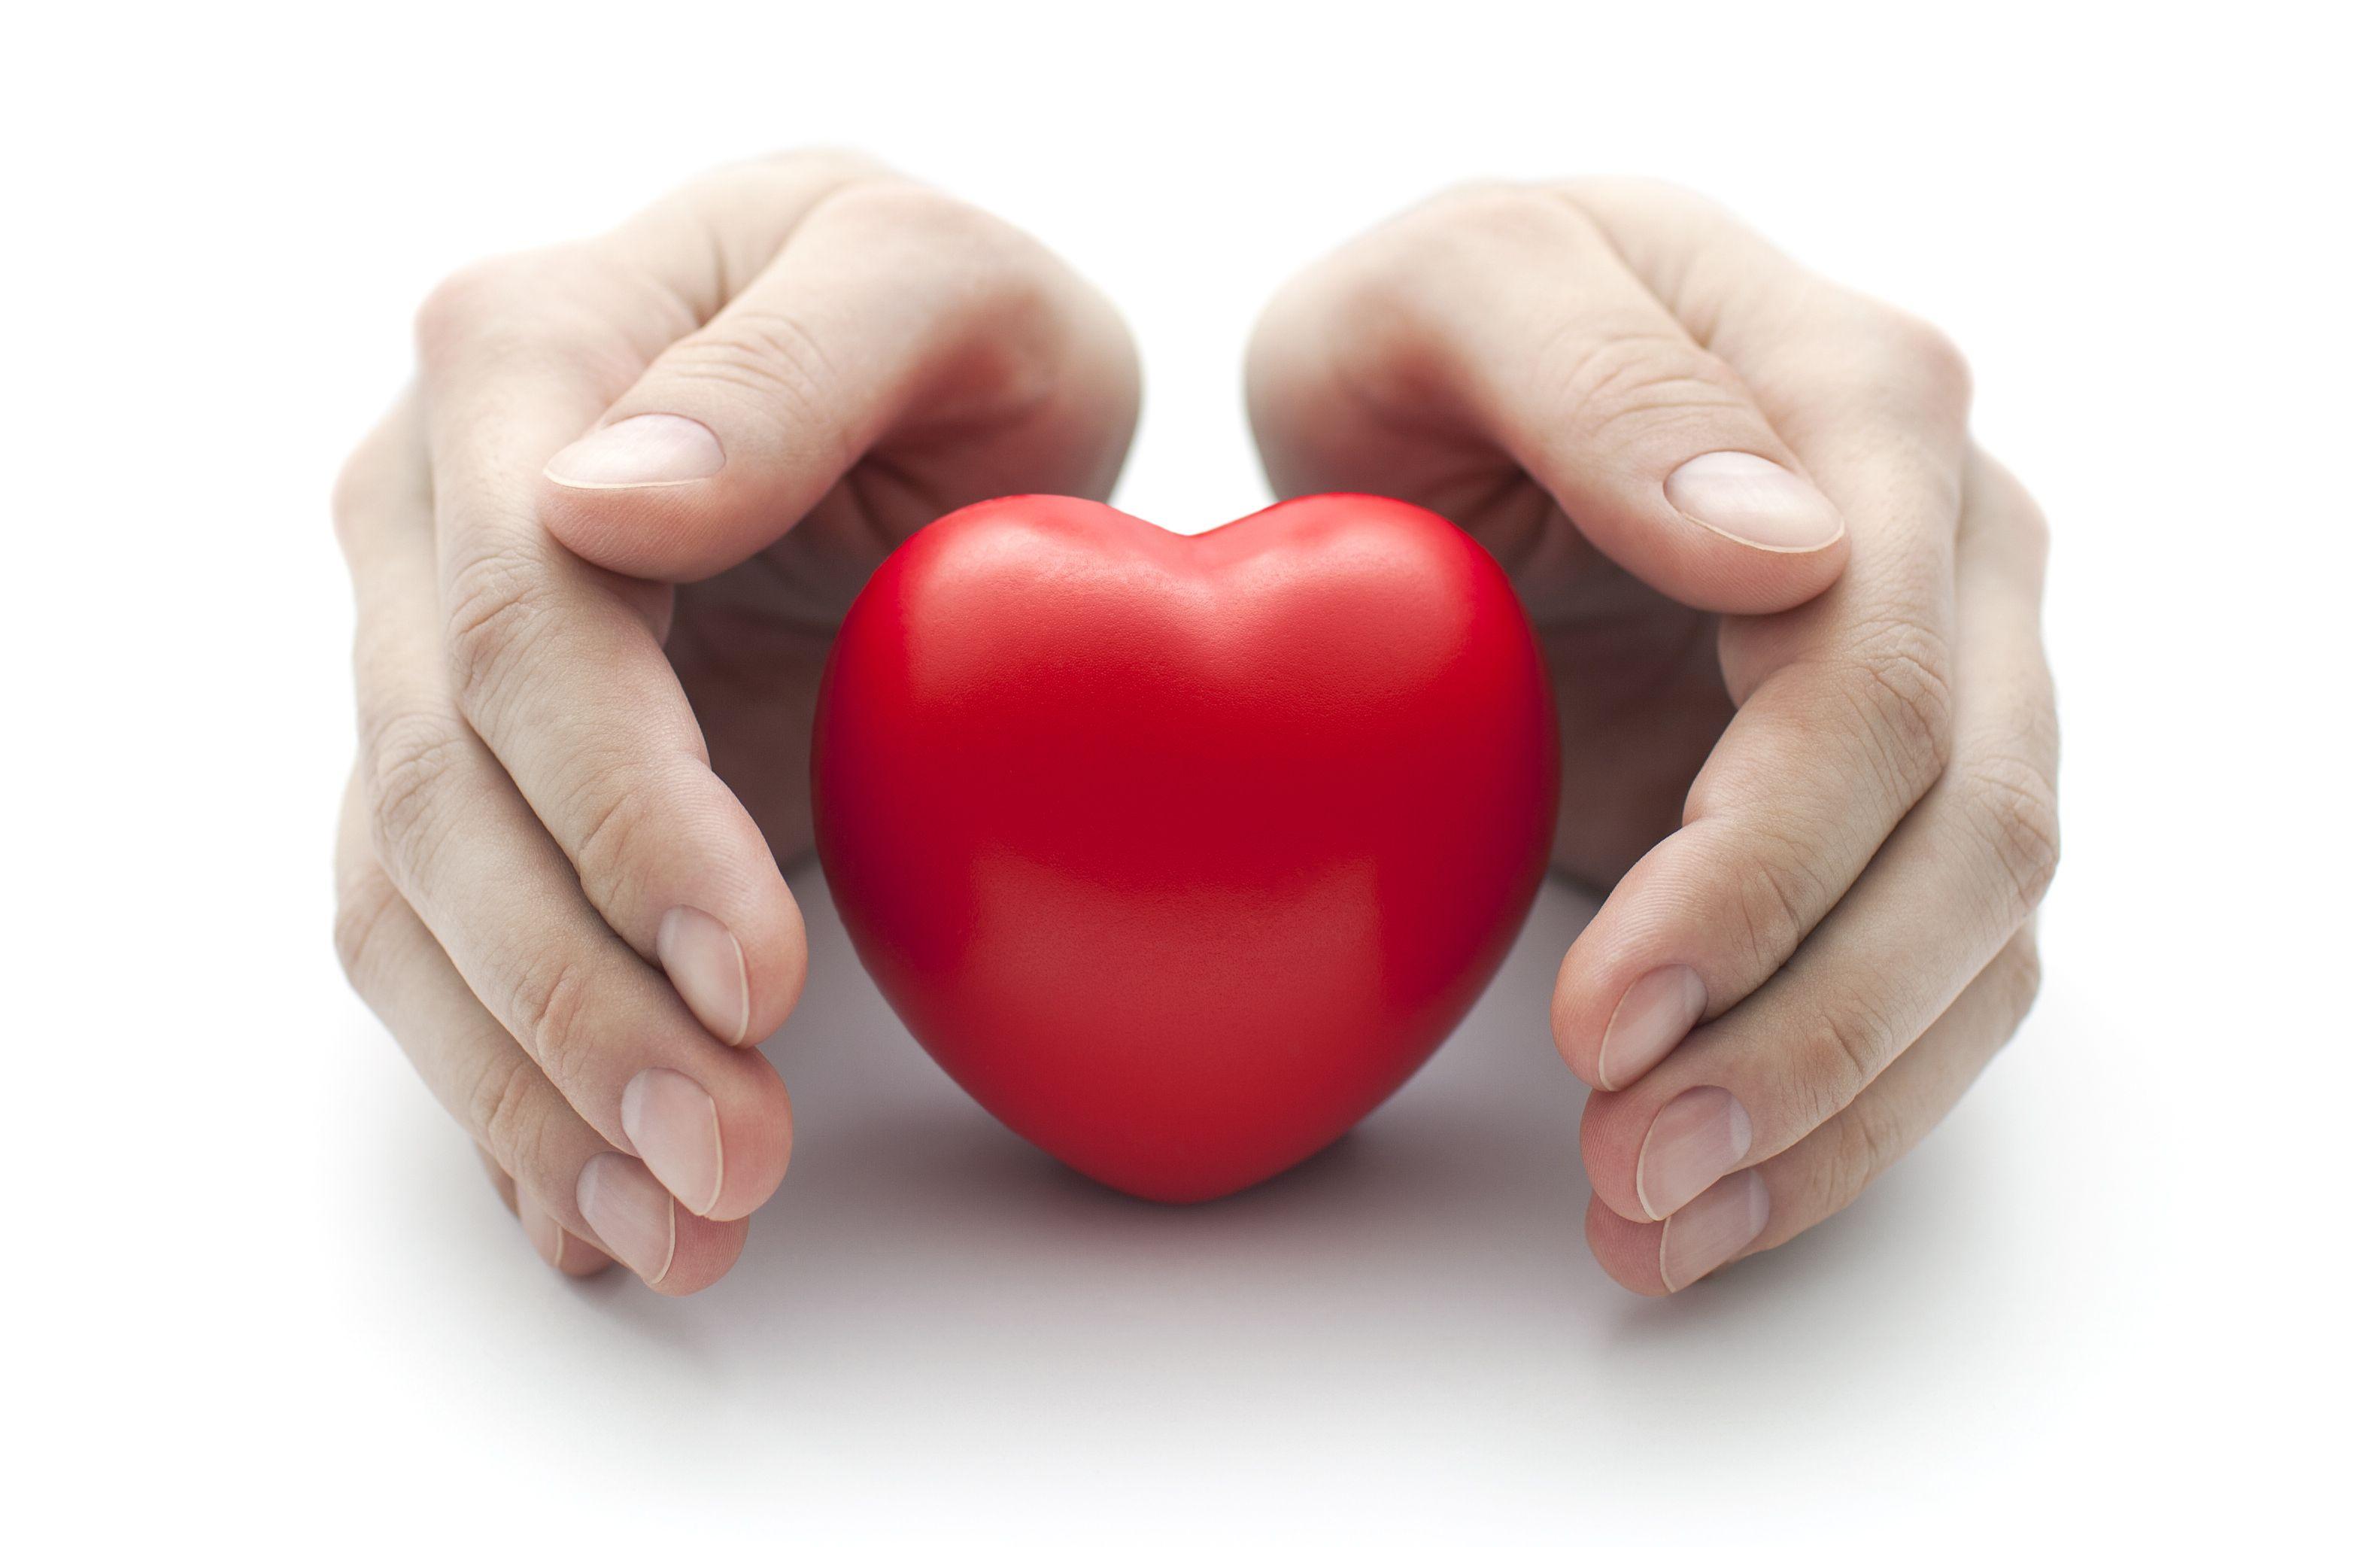 Heart Art ClevelandClinic Heart HVI Heart